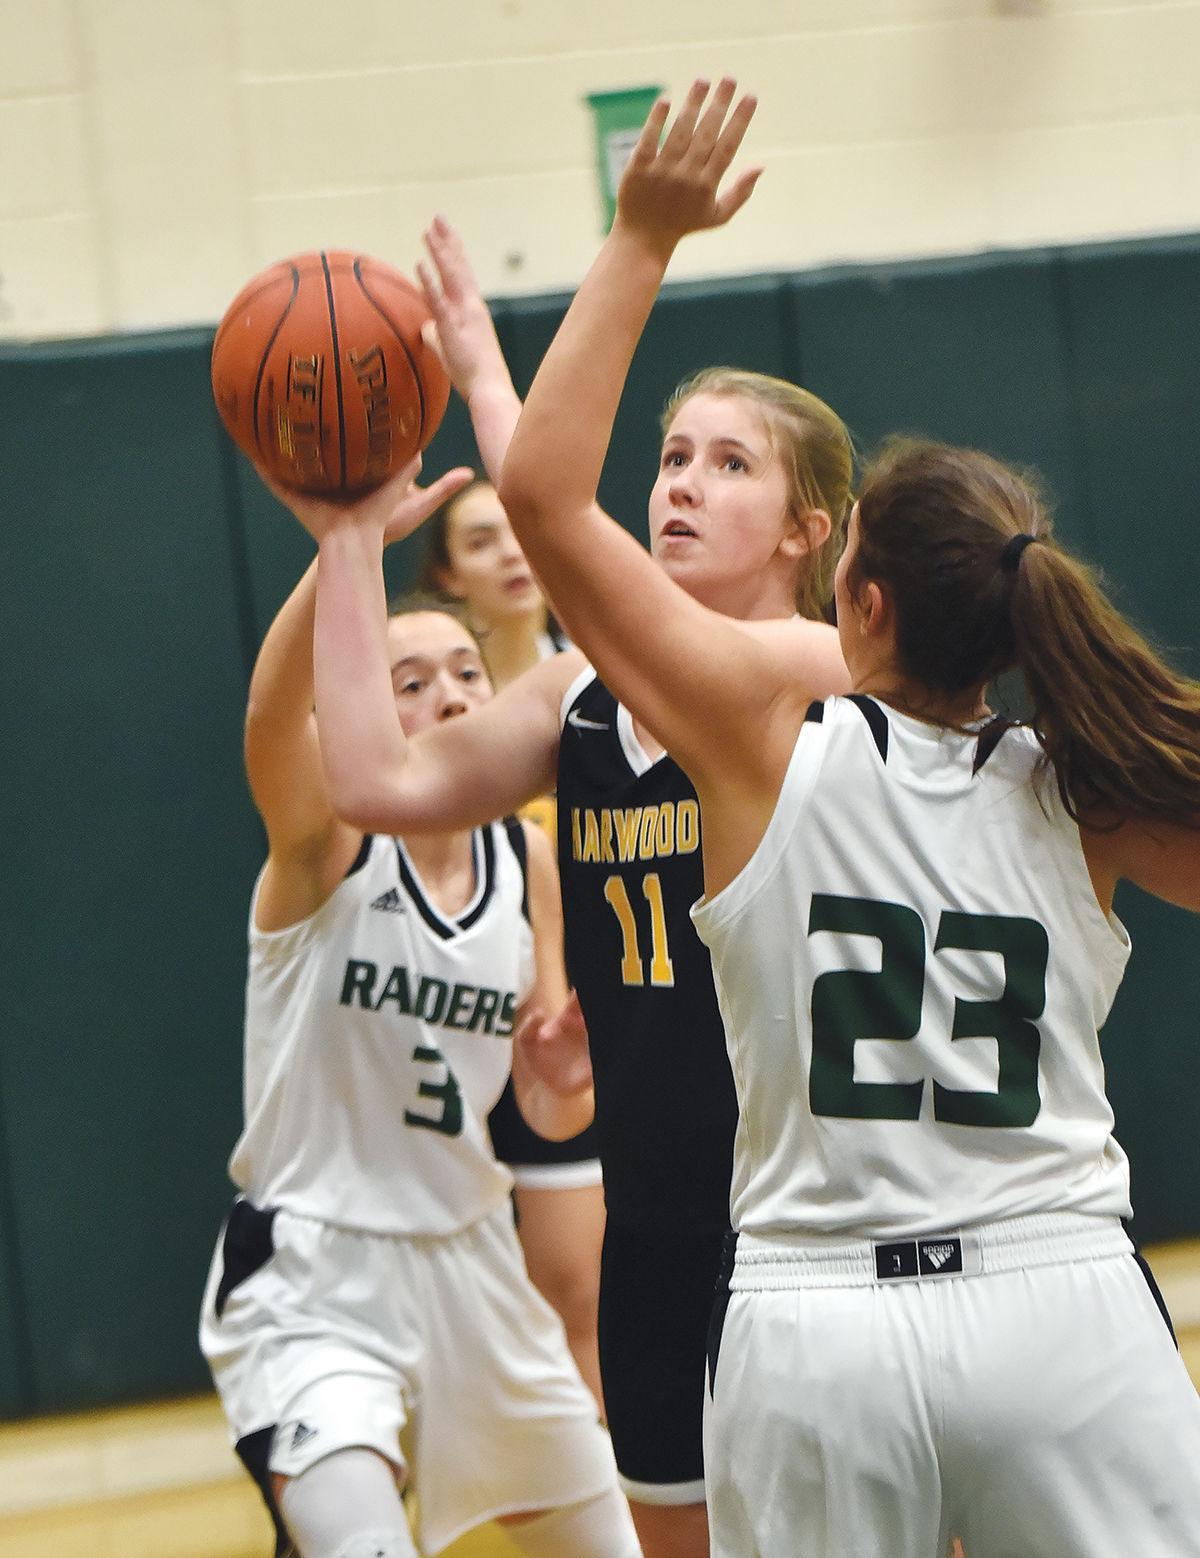 Harwood girls basketball: Sarah Bartolomei